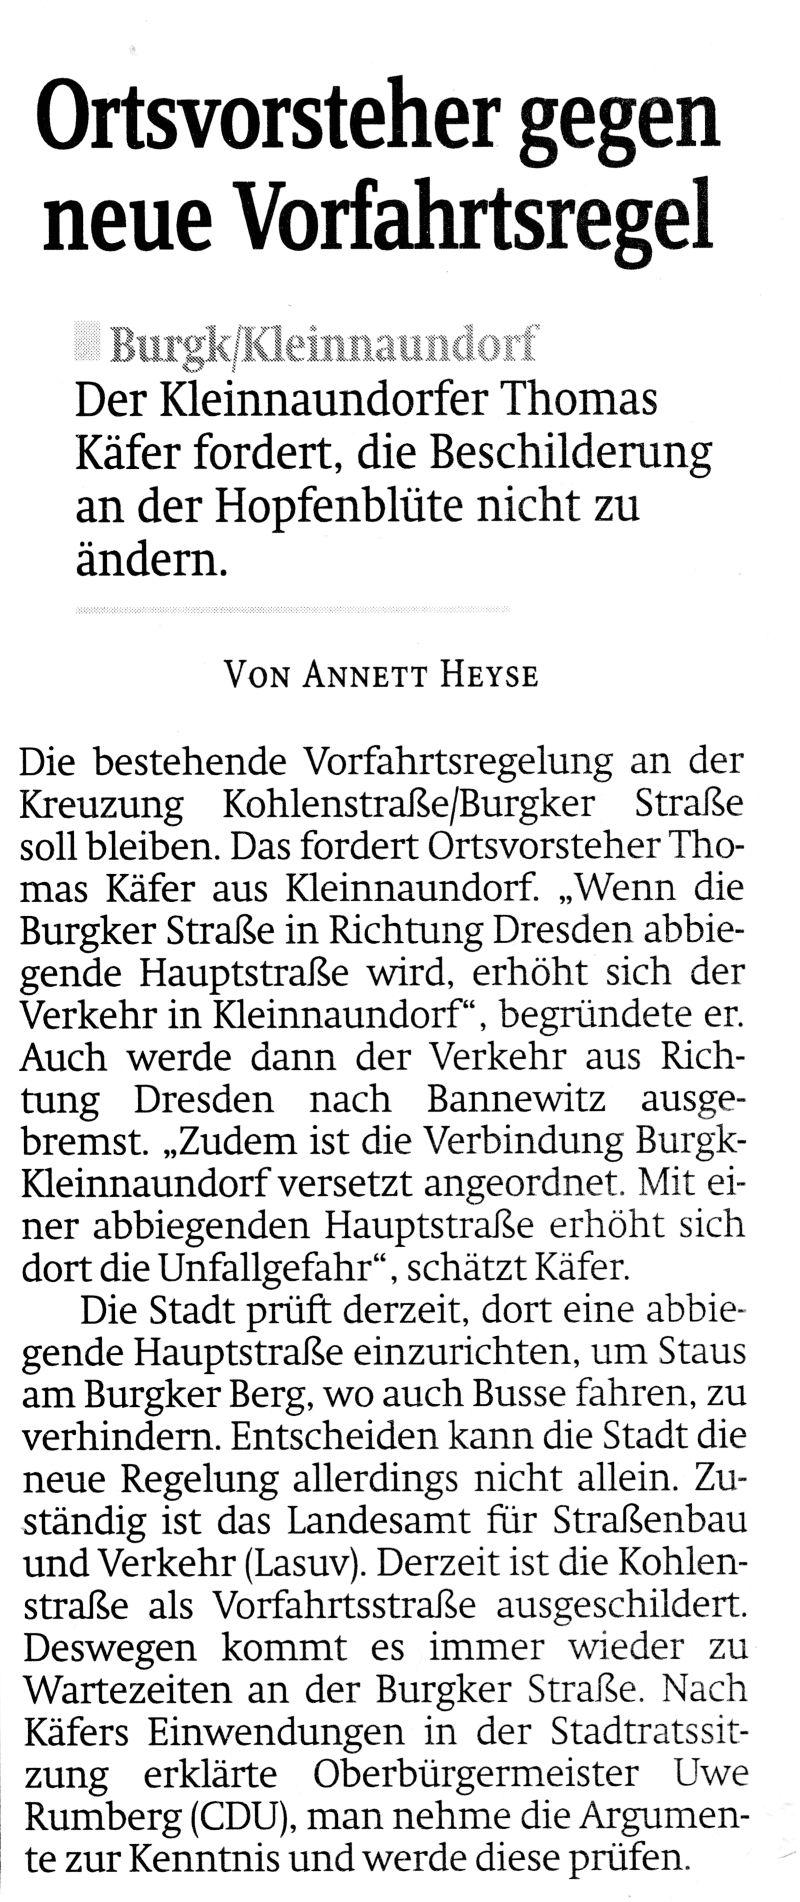 Sächsische Zeitung 12.02.2018 Vorfahrtsregelung Hopfenblüte